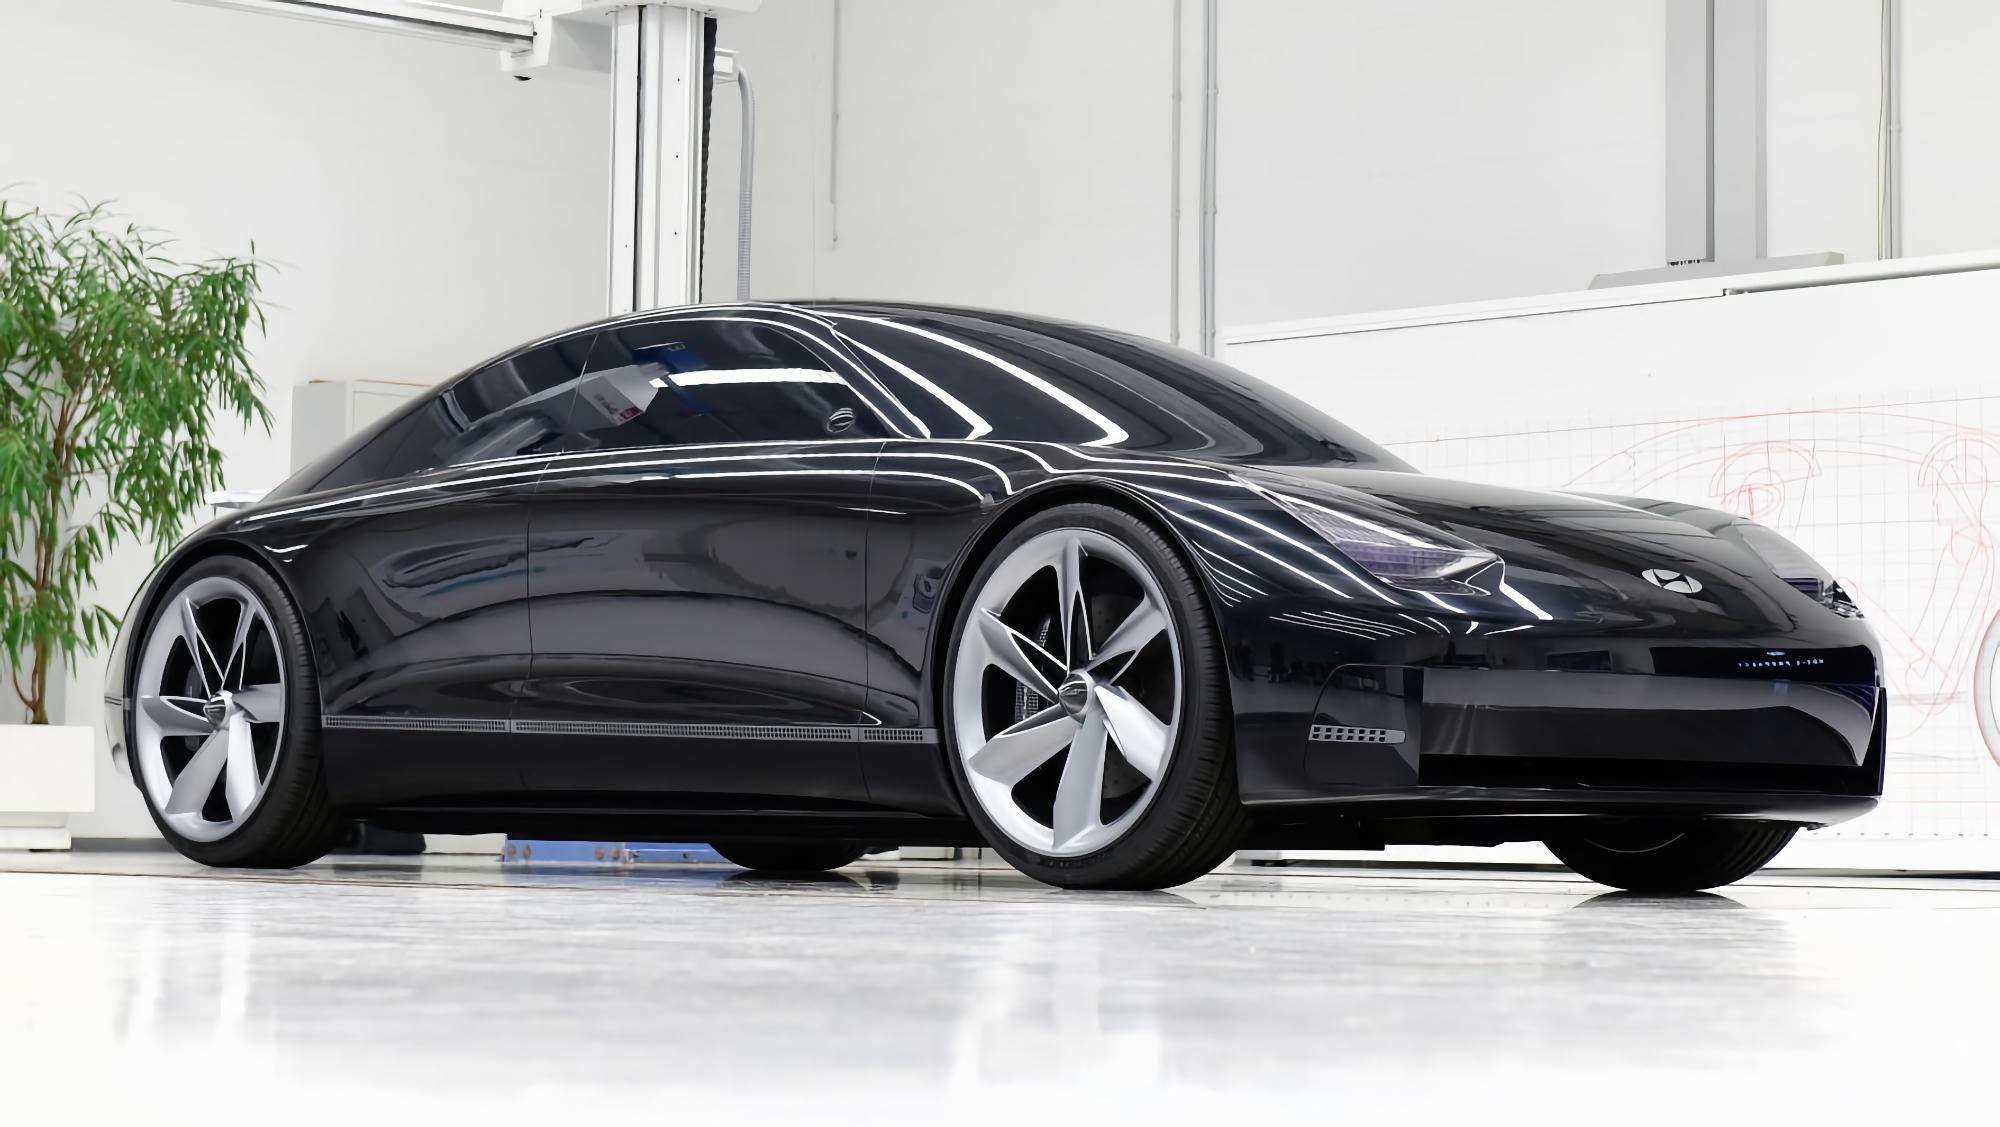 В сеть утекли характеристики электромобиля Apple: платформа Hyundai E-GMP, разгон до «сотни» за 3.5 сек, запас хода более 500 км и быстрая зарядка